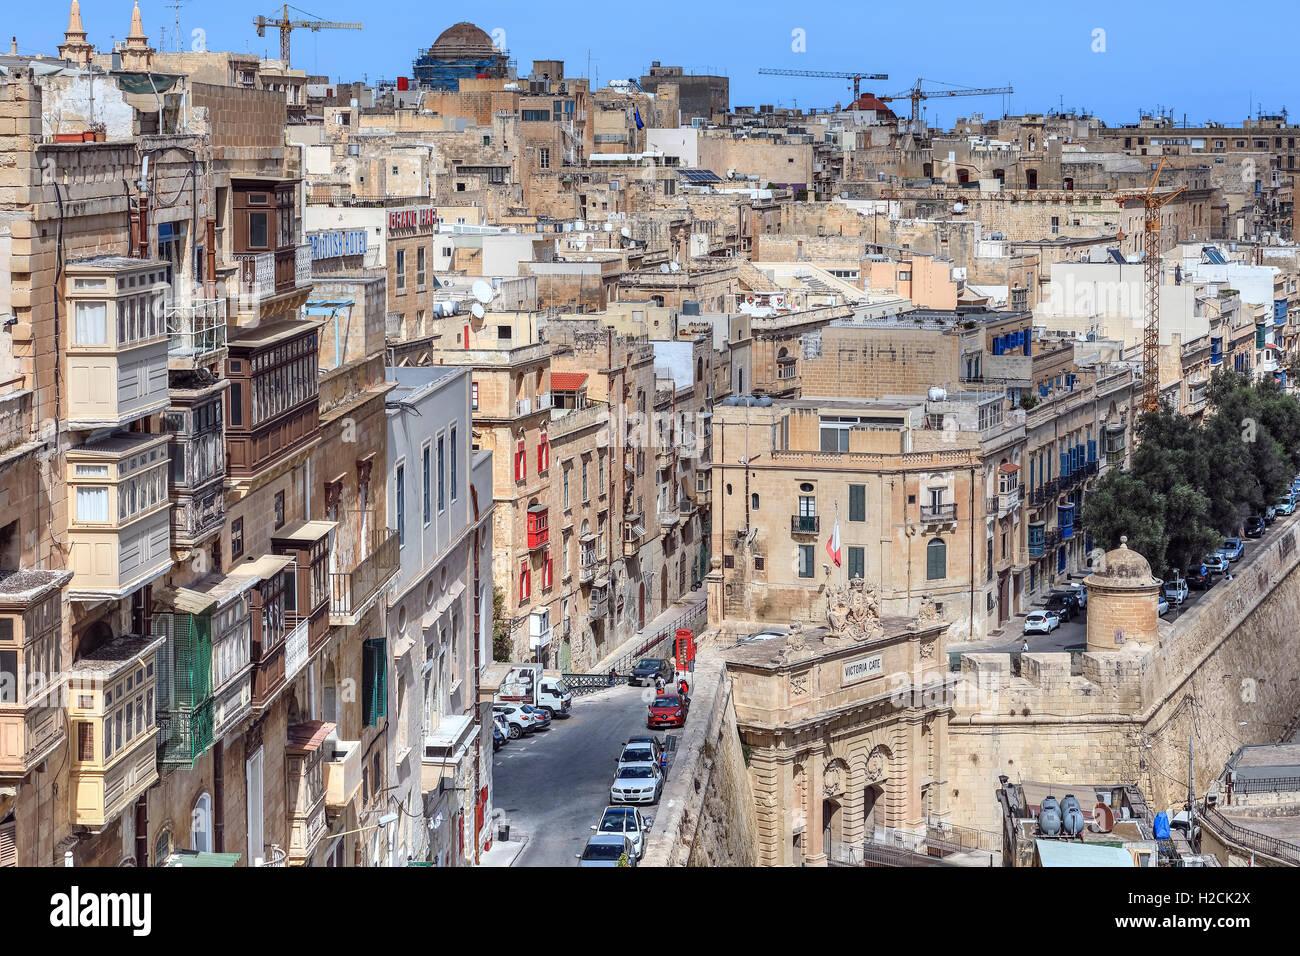 Valletta, Victoria Gate, Malta - Stock Image